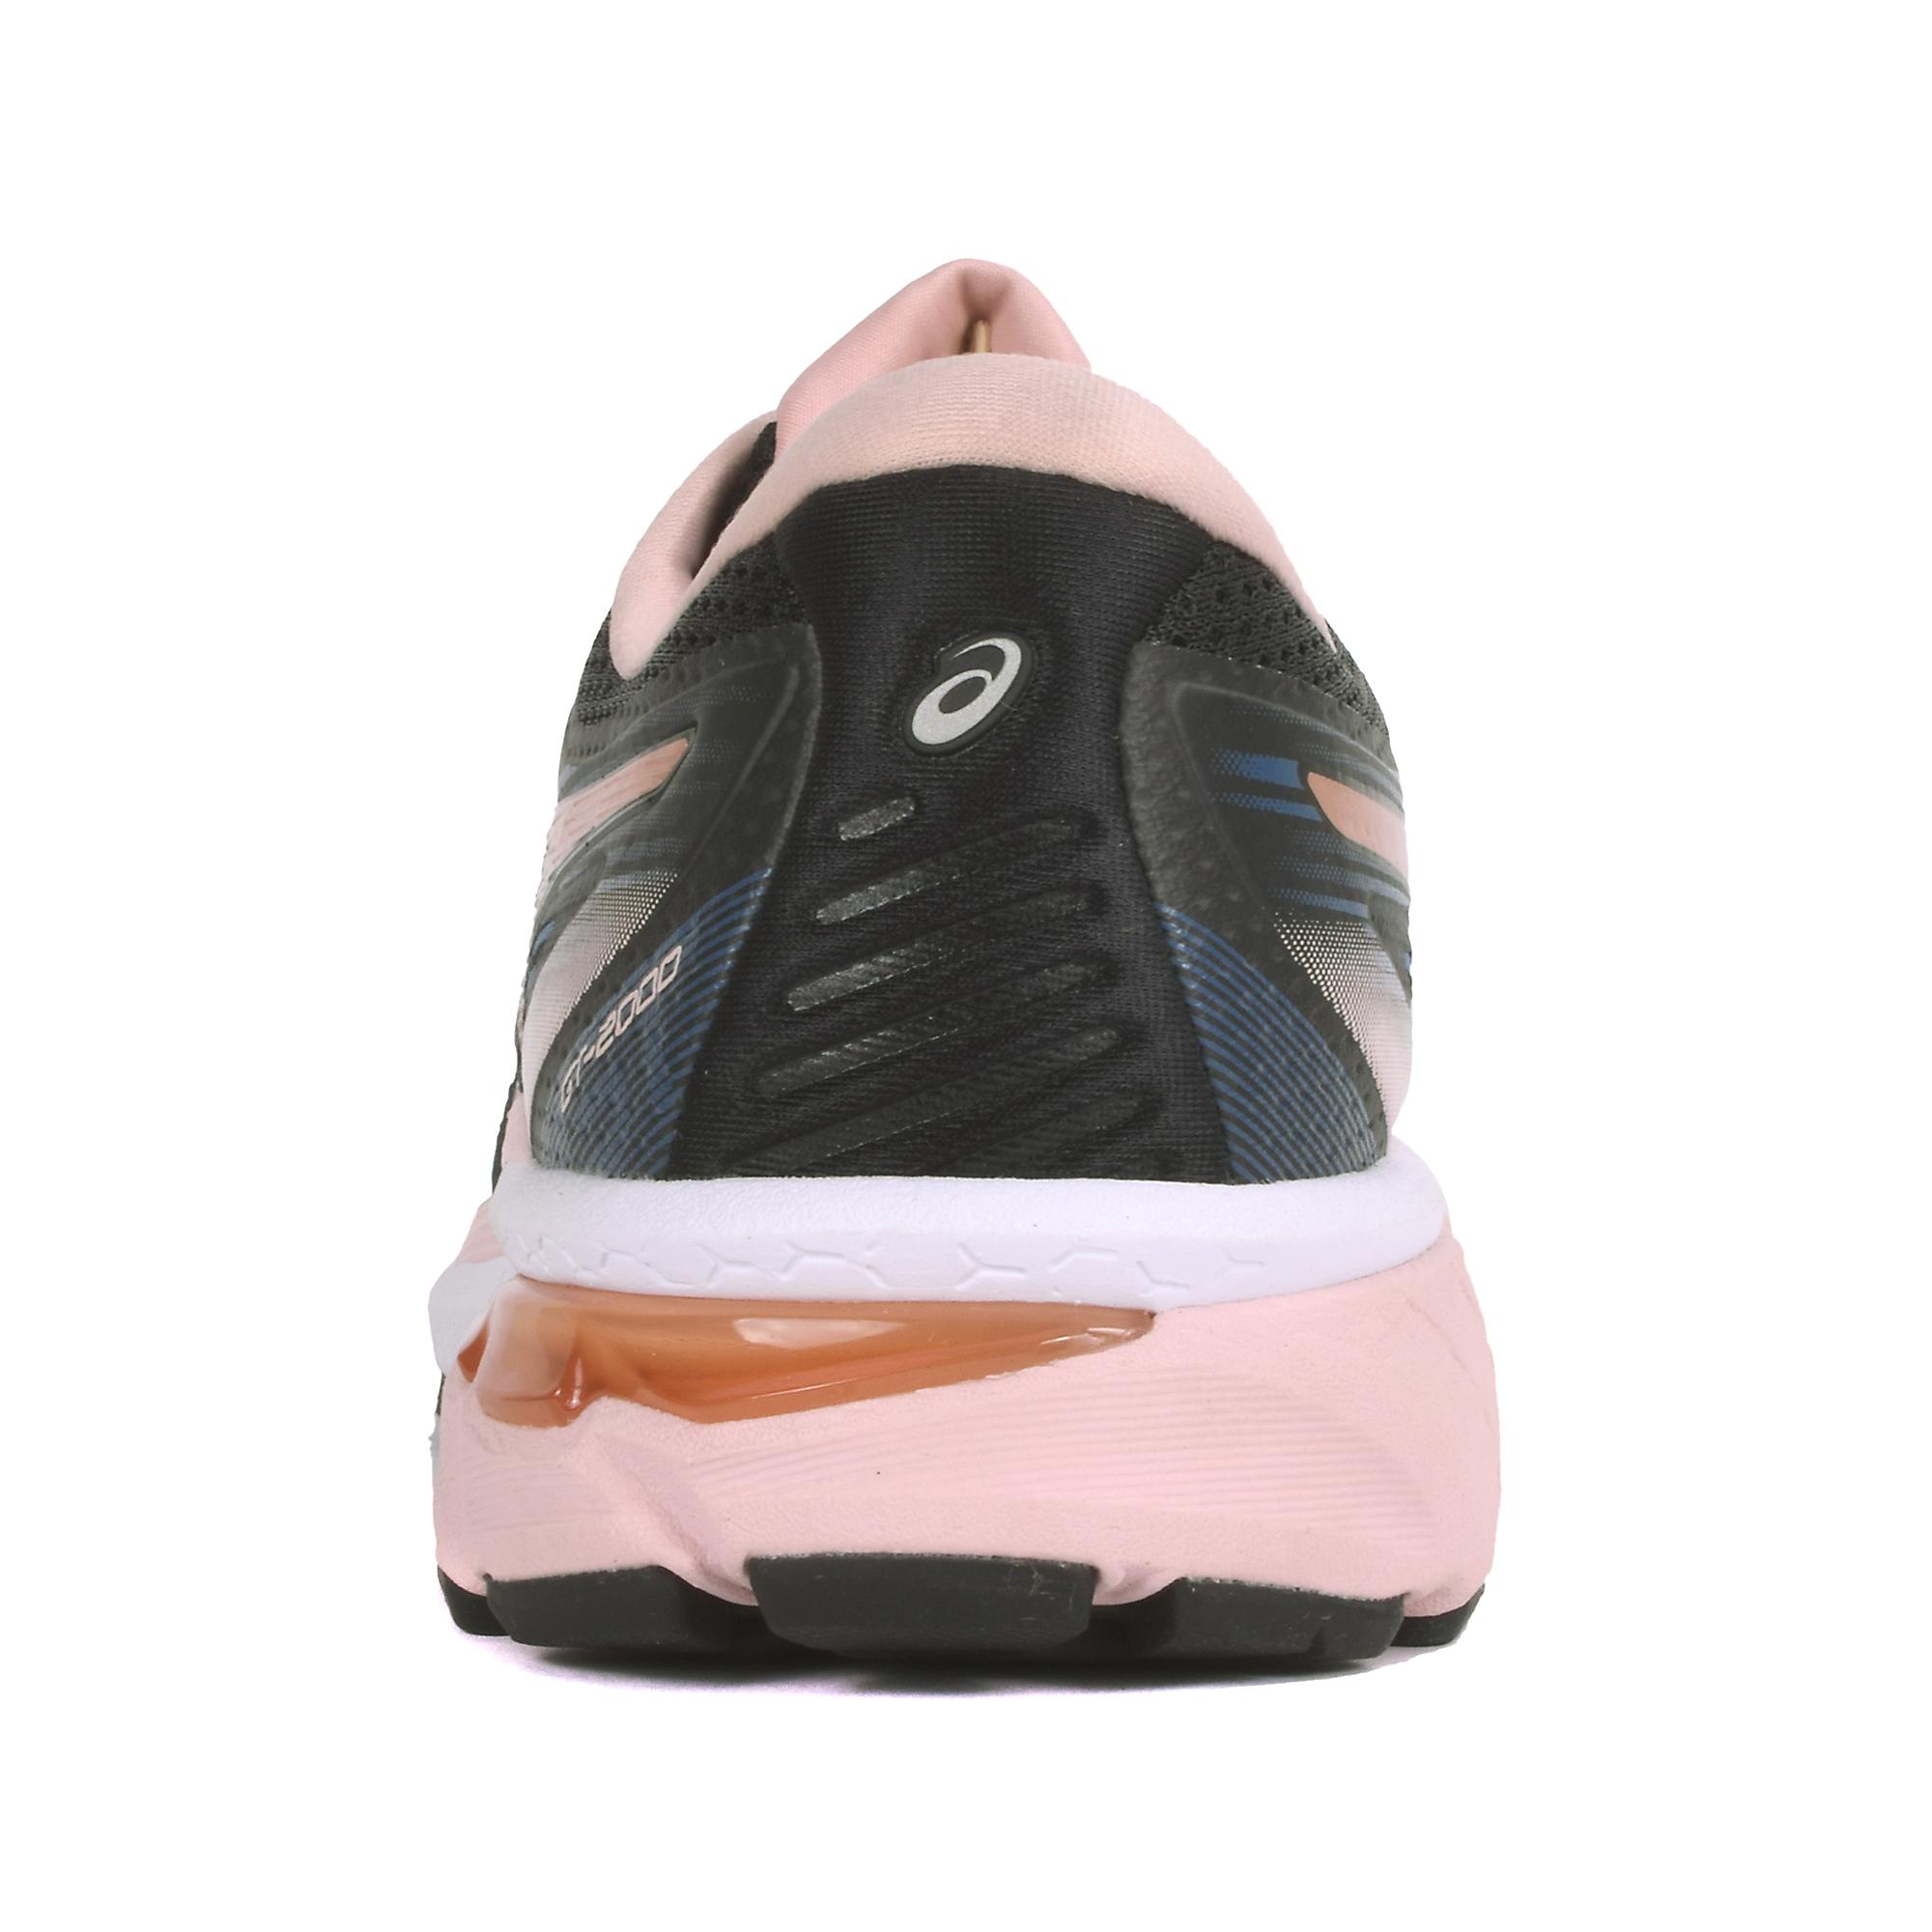 Women's Asics Gt-2000 8 Running Shoe - Color: Black/Blue/Rose Gold (Regular Width) - Size: 5, Black/Blue/Rose Gold, large, image 2